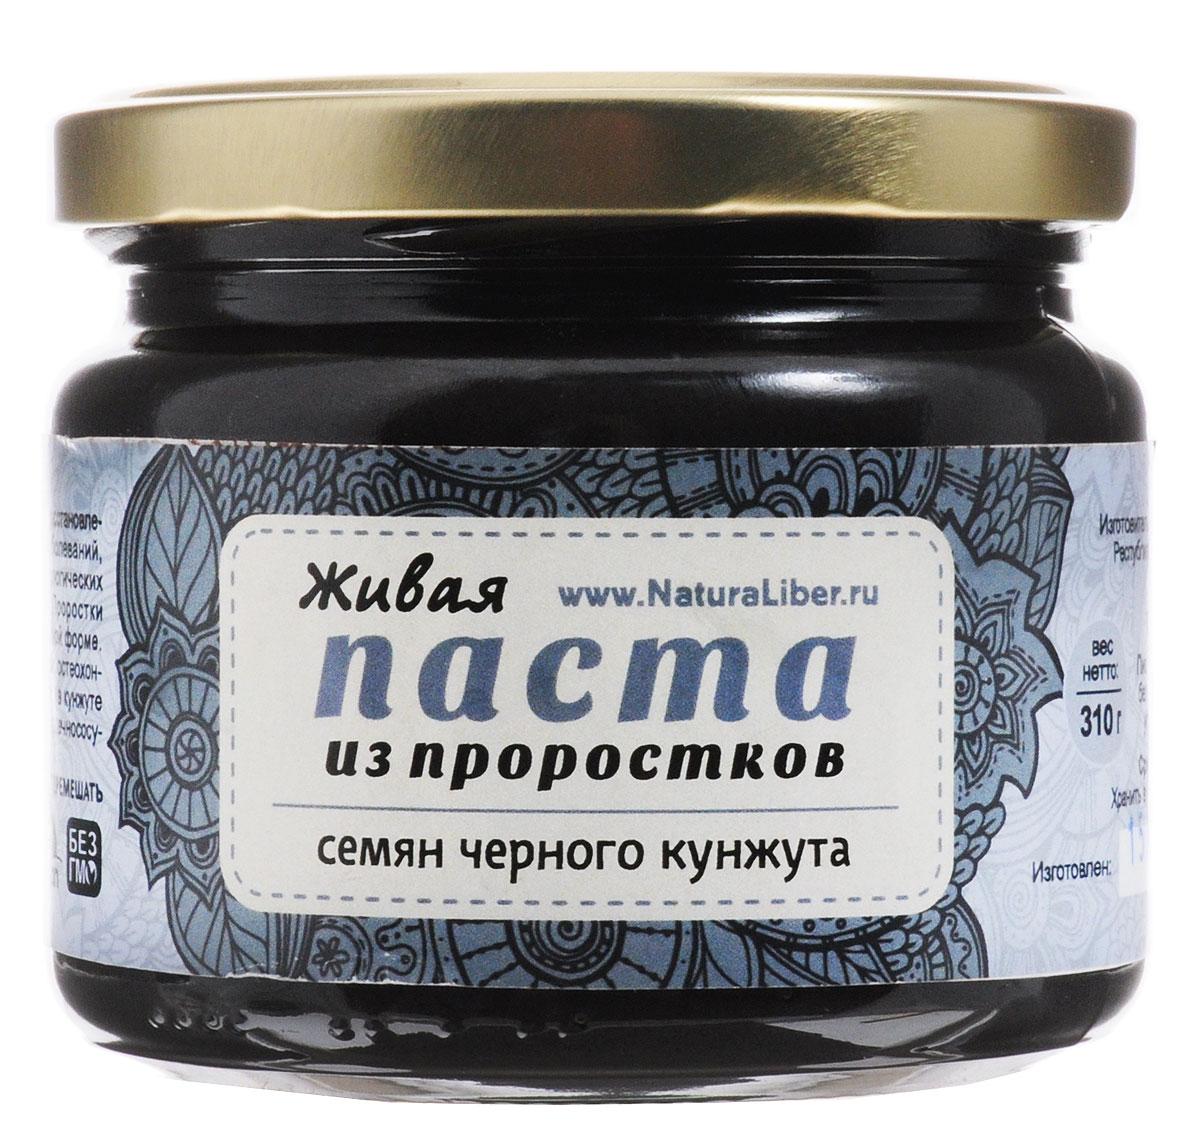 NaturaLiber Живая паста из семян черного кунжута (проростки), 310 г